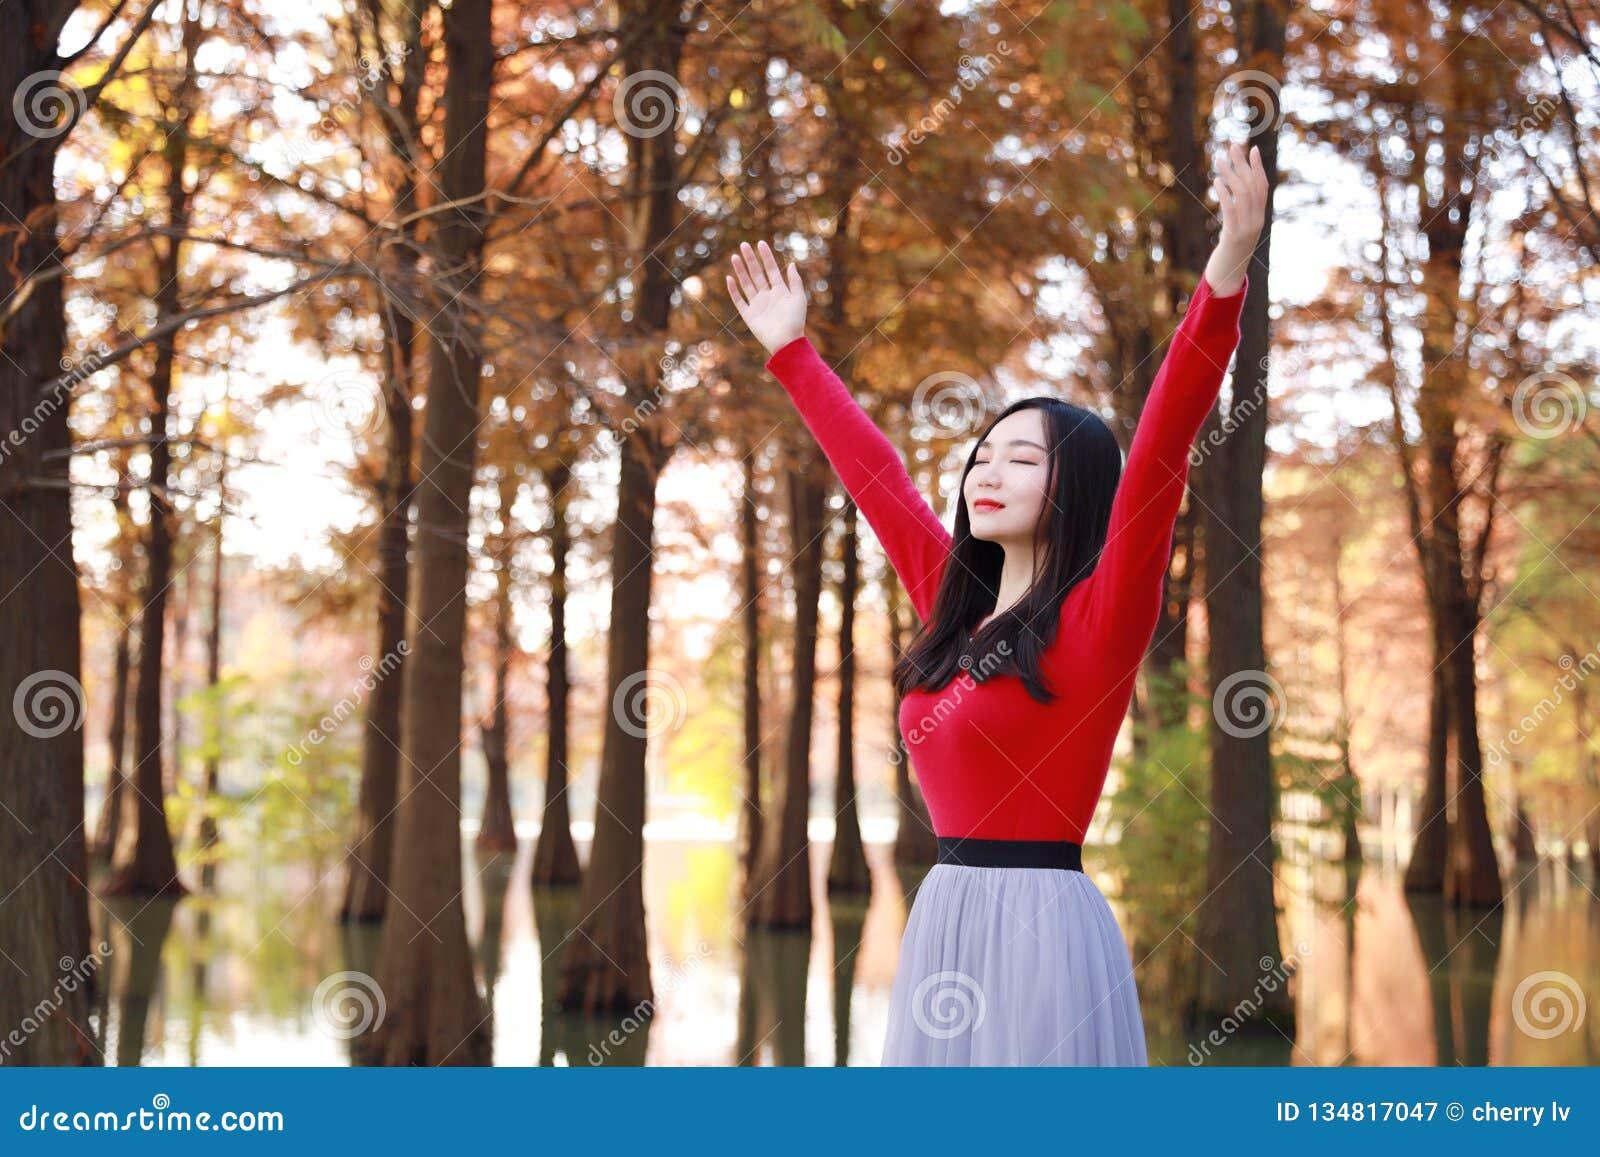 Glückliches Frauengefühl der Freiheit frei in einer Herbstnaturluft